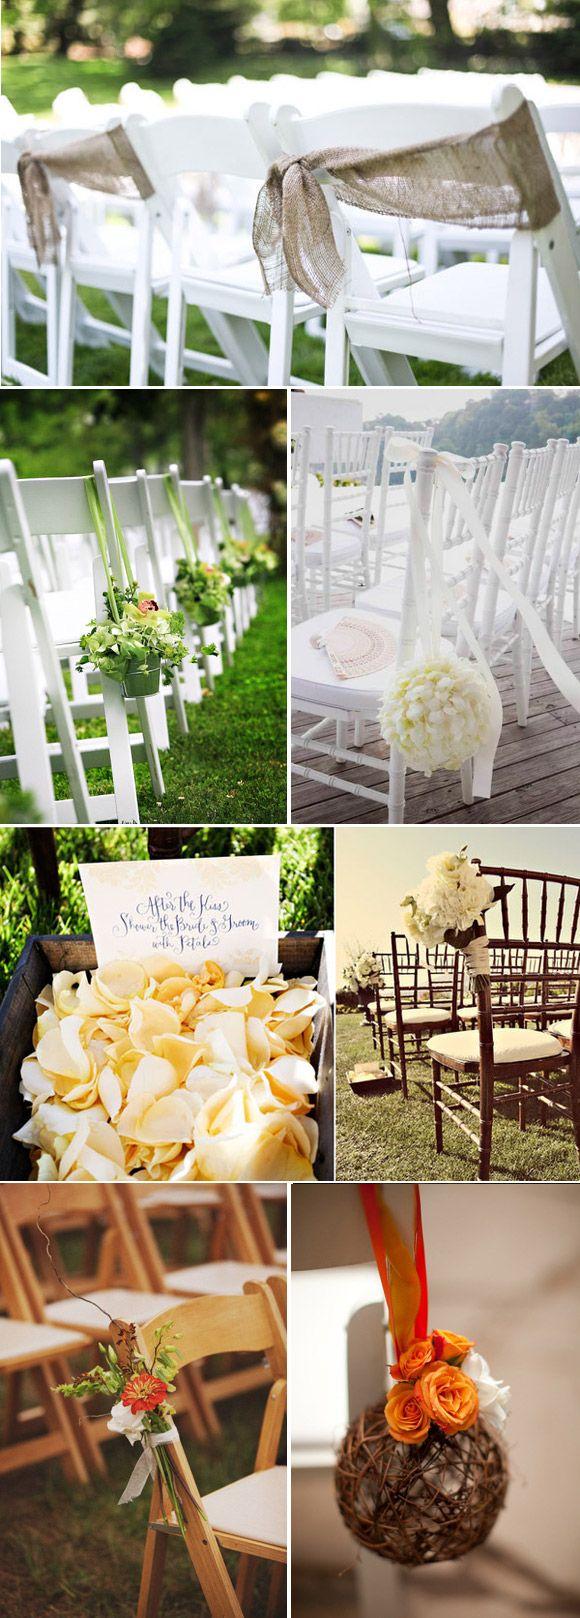 ideas originales para boda para ms informacin ingresa en